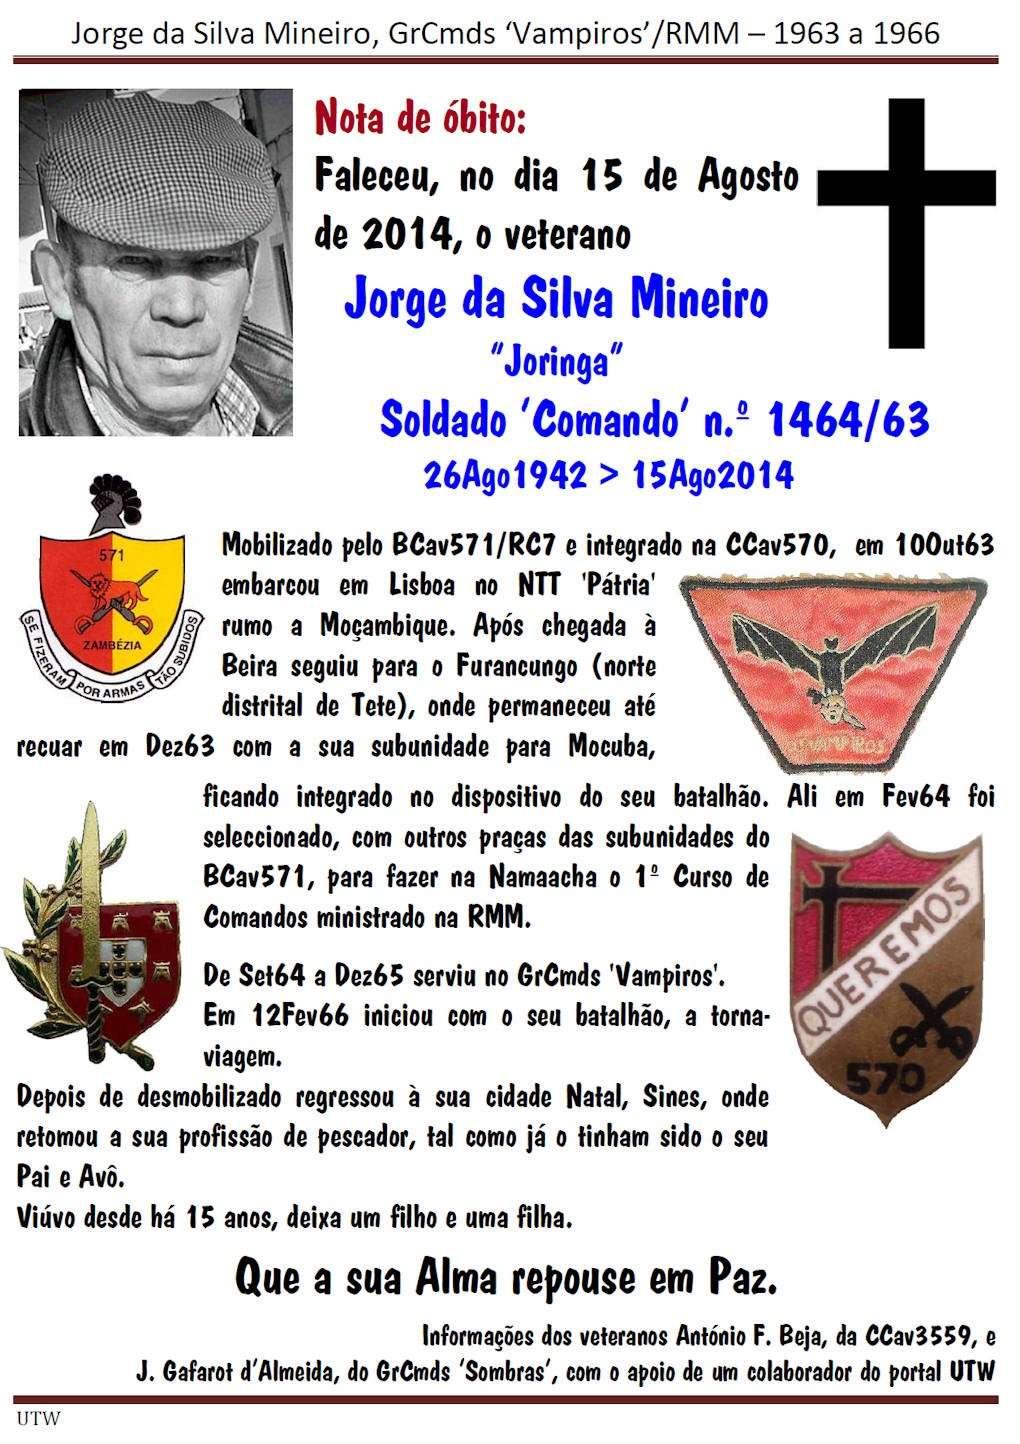 Faleceu o veterano Jorge da Silva Mineiro, do GrCmdsVampiros - 15Ago2014 Jorged15